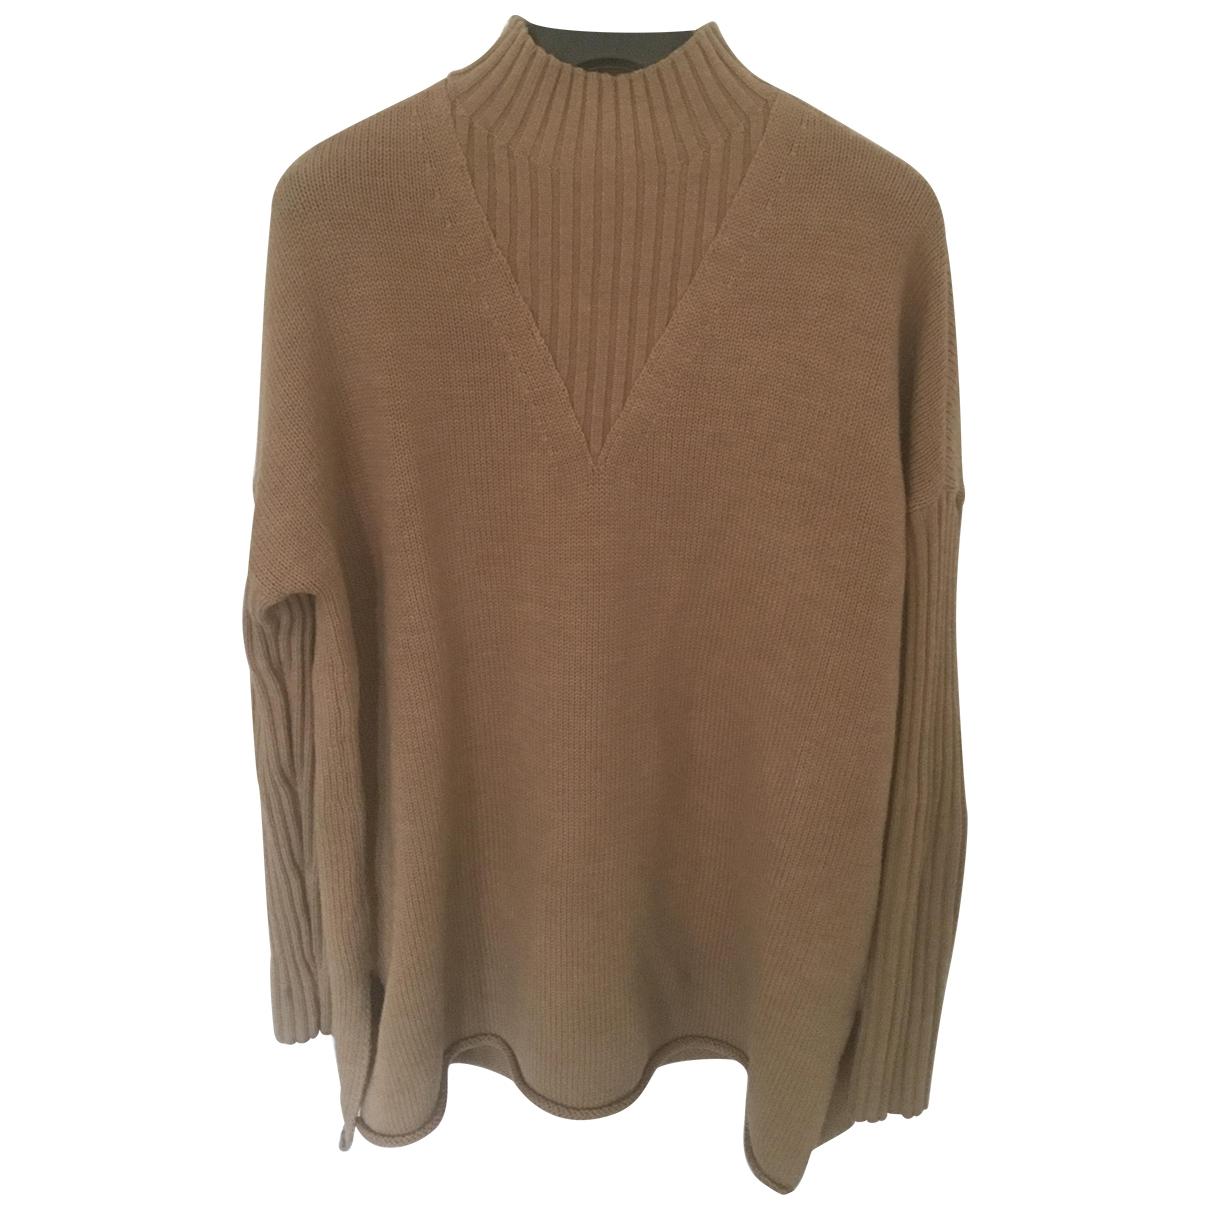 Tory Burch \N Camel Wool Knitwear for Women S International